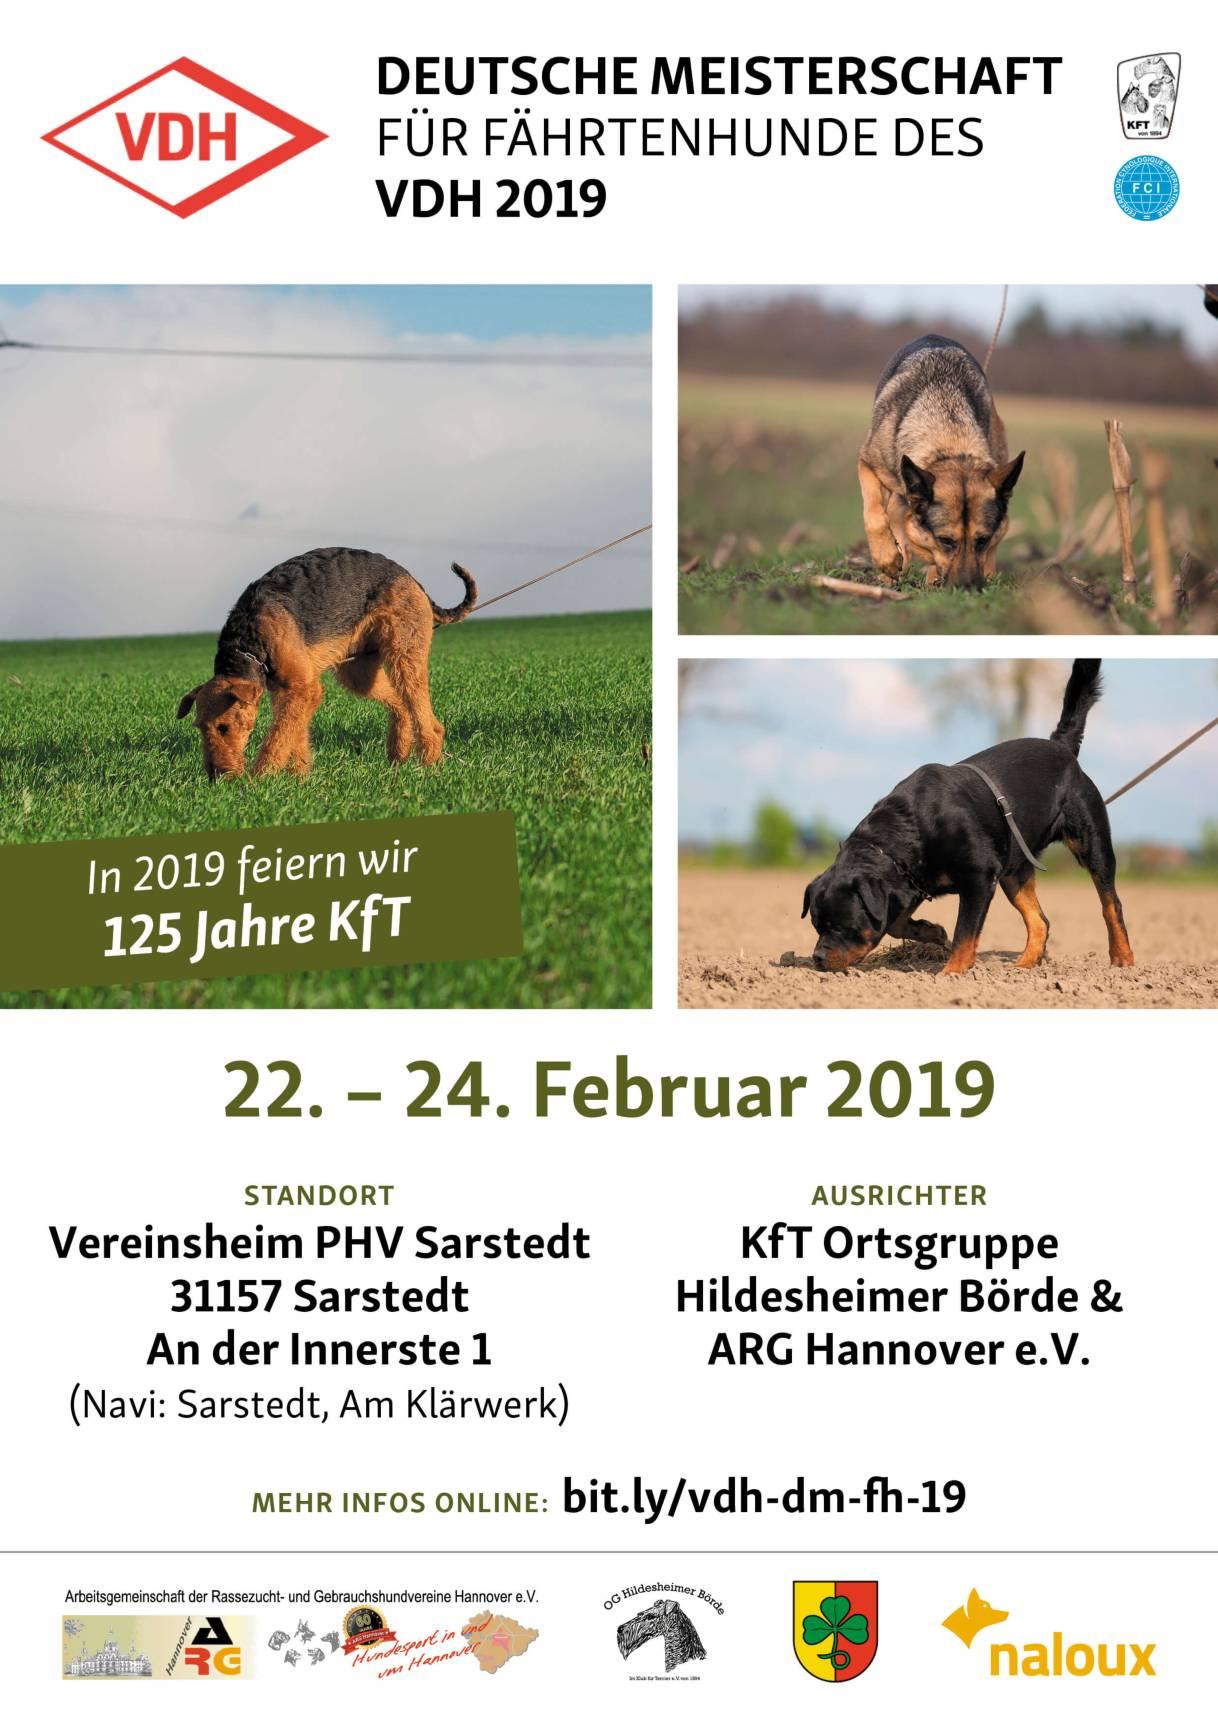 VDH Meisterschaft für Fährtenhunde 2019